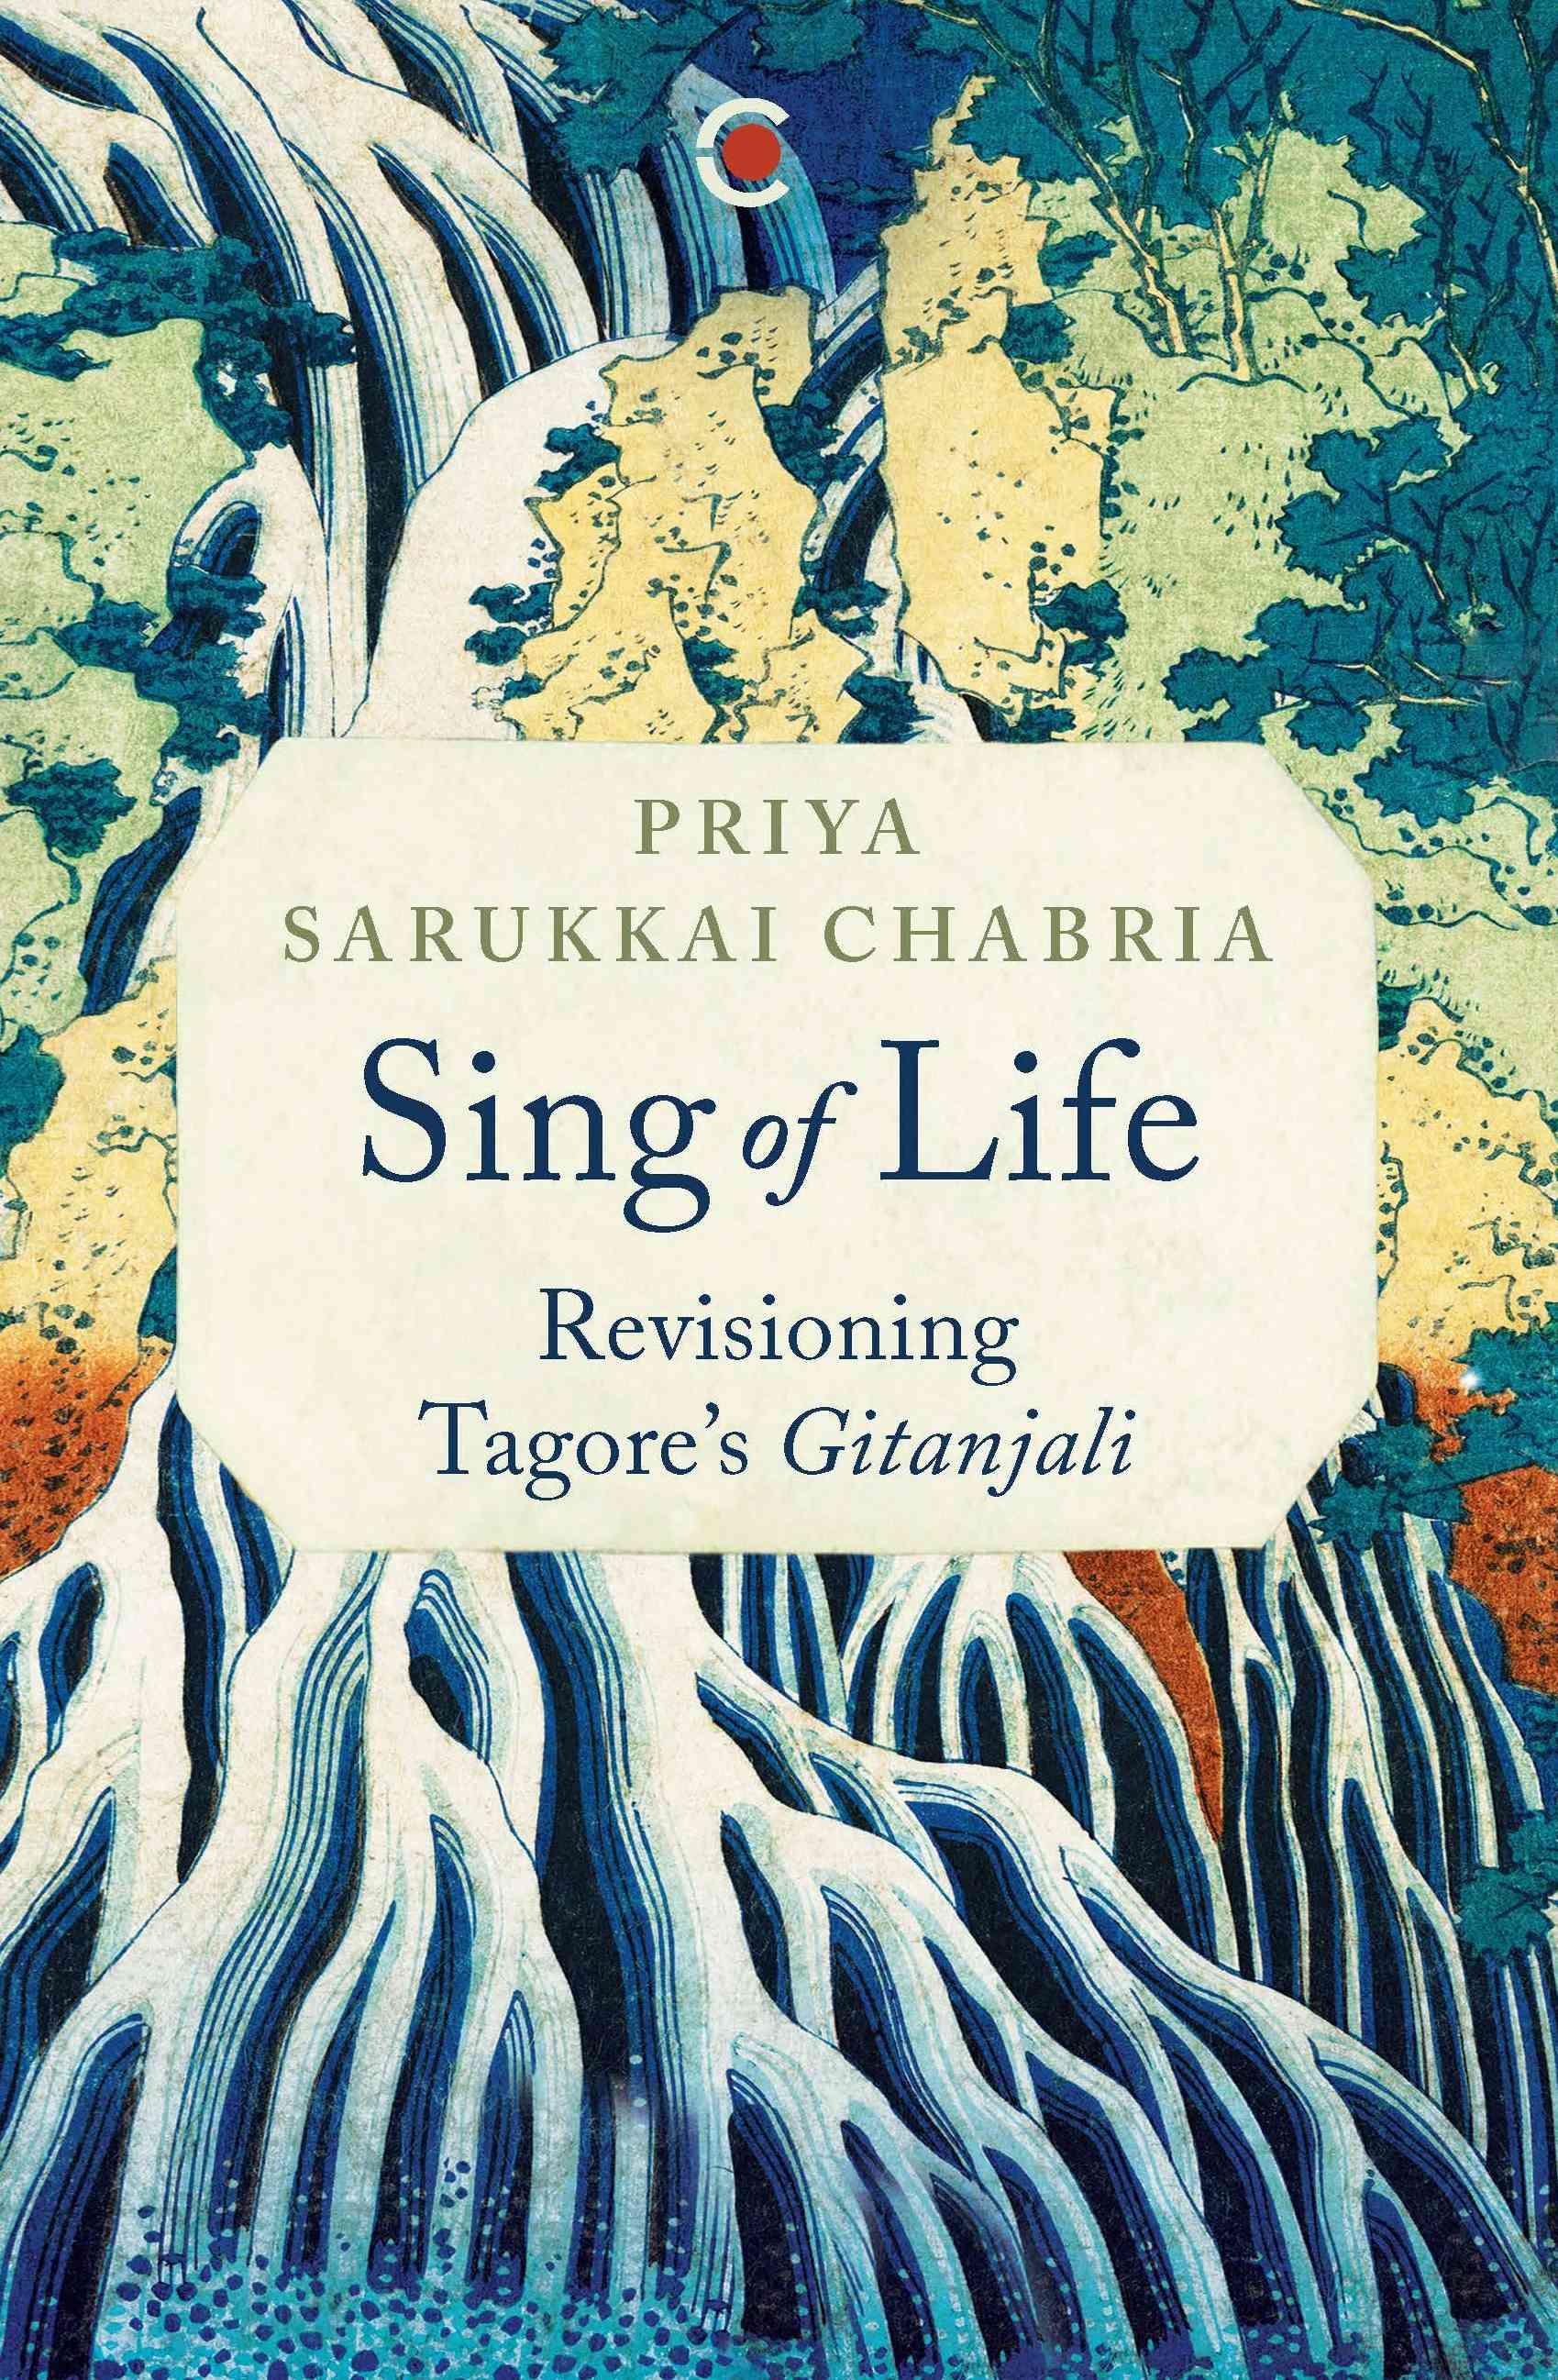 Sing of Life: Revisioning Tagore's 'Gitanjali